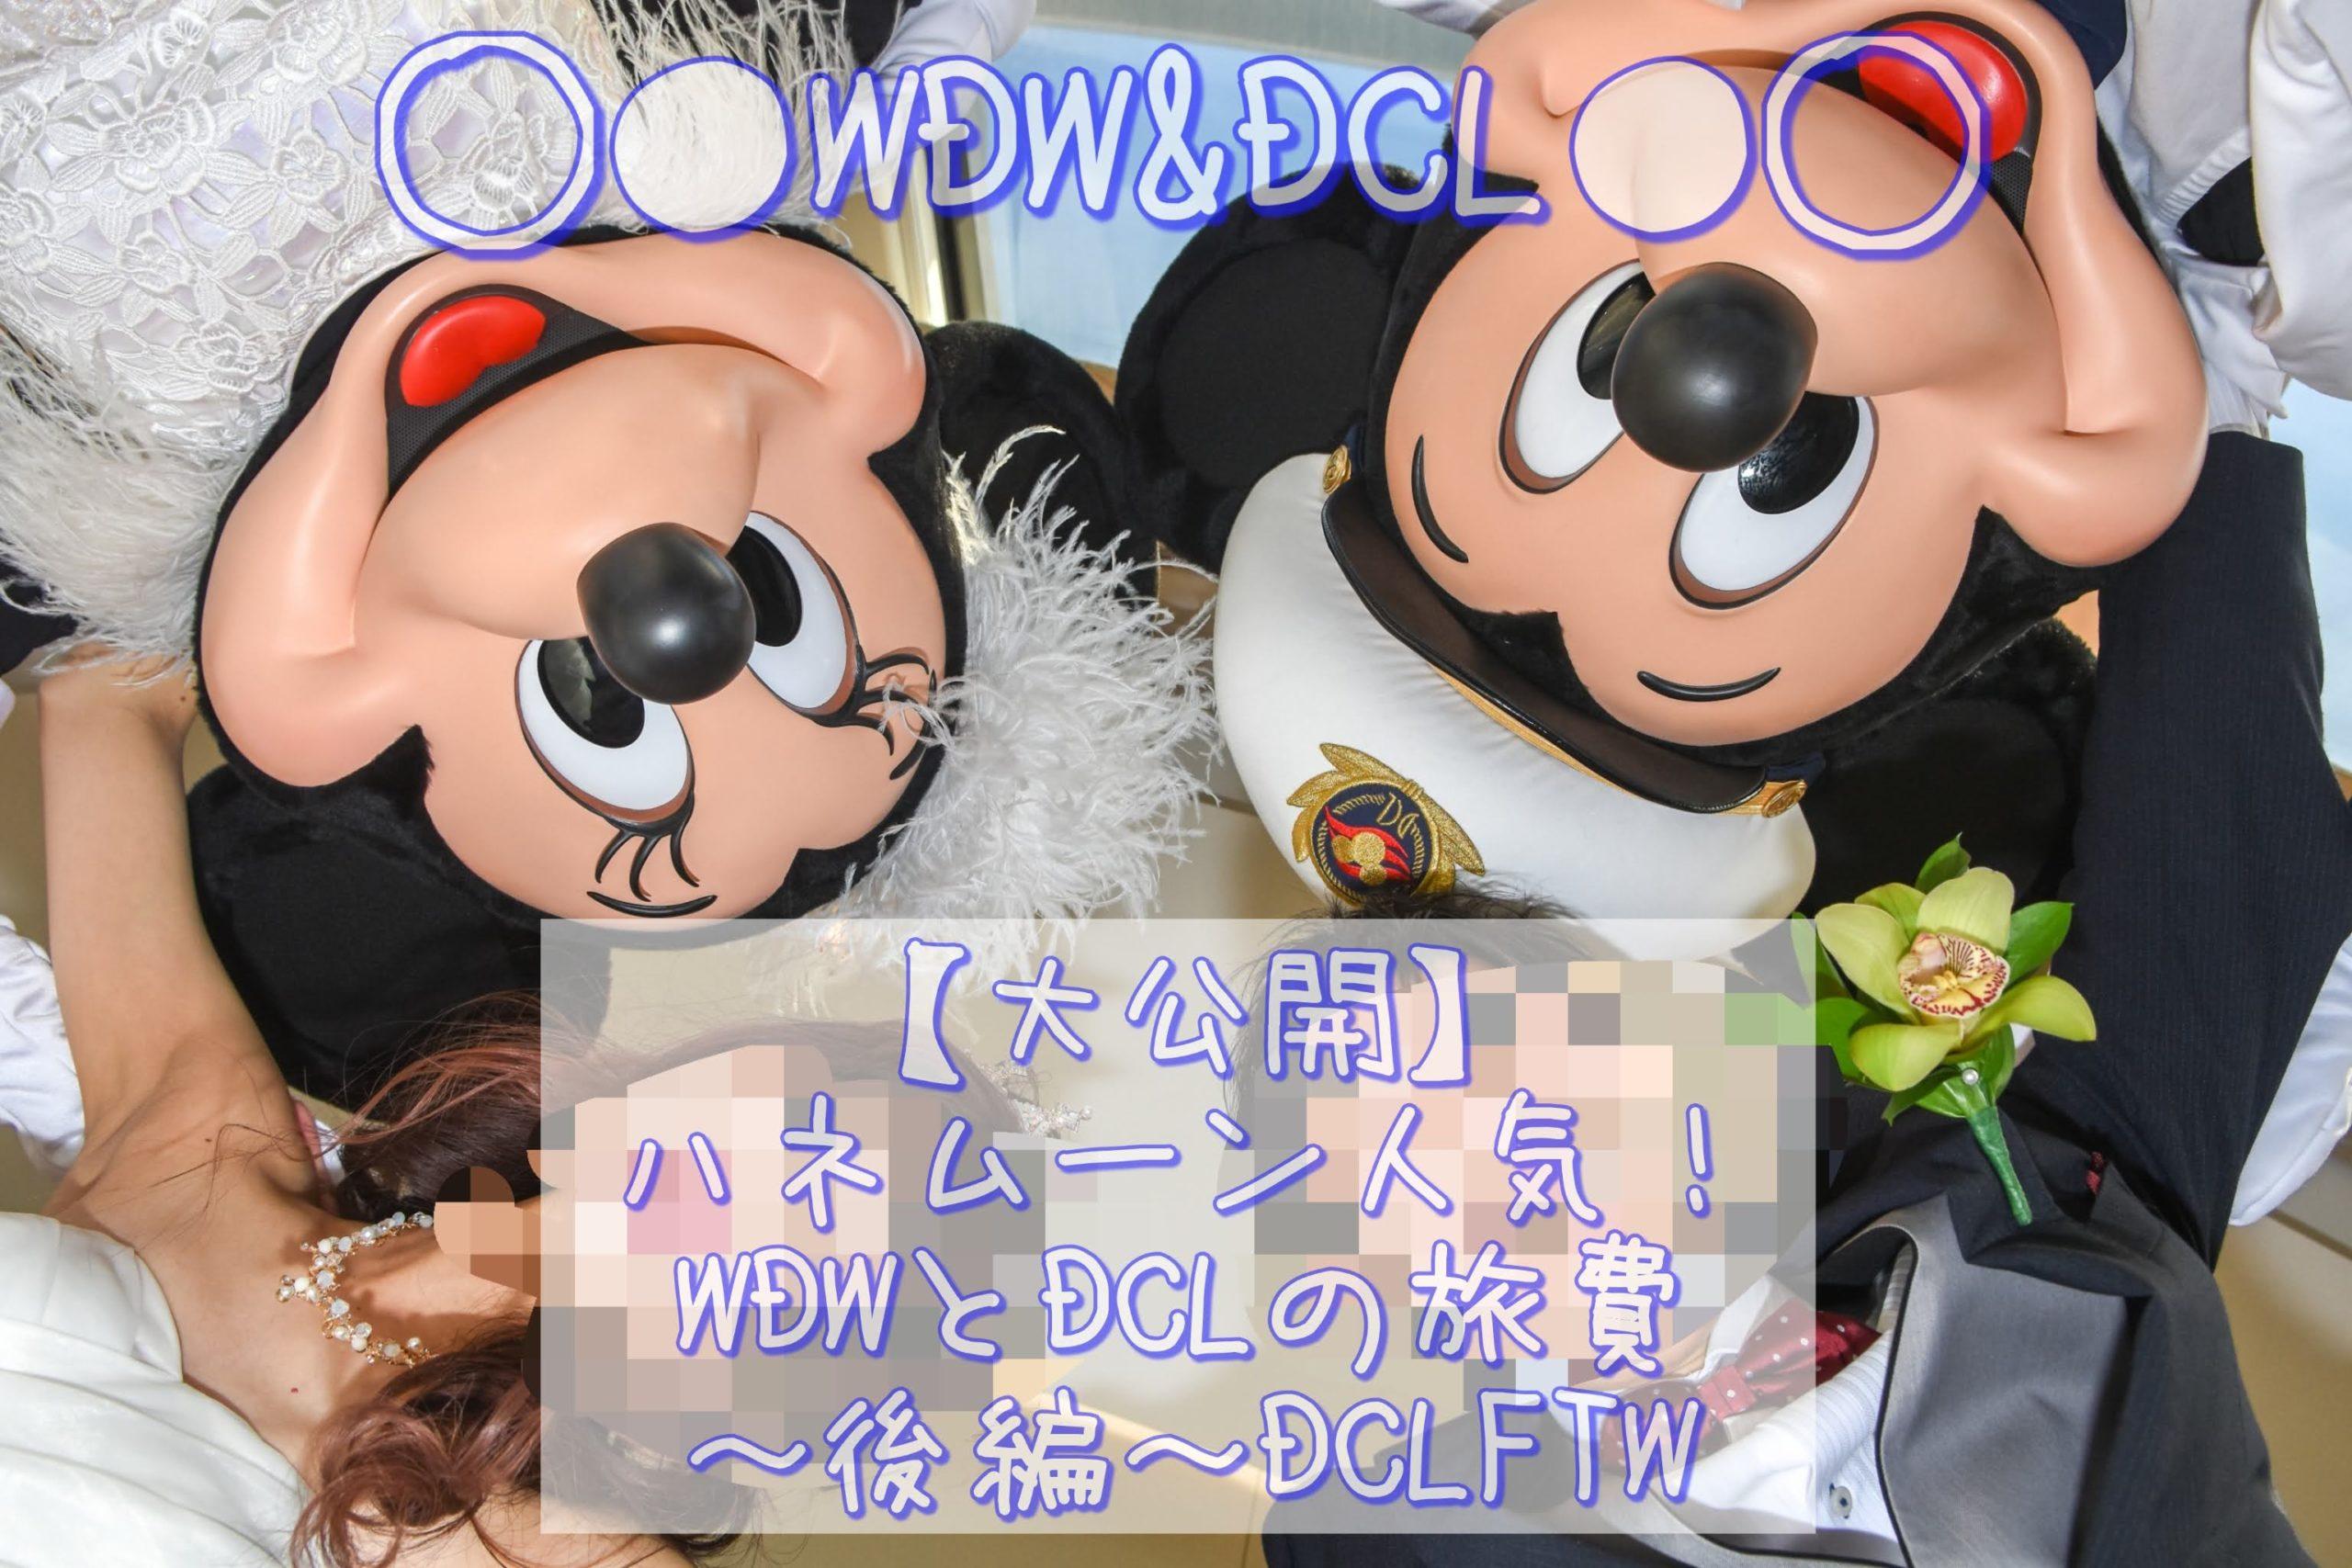 【大公開】ハネムーン人気!WDWとDCLの旅費~後編~DCLFTW セレモニー代金に含まれてる物、かかった料金大公開